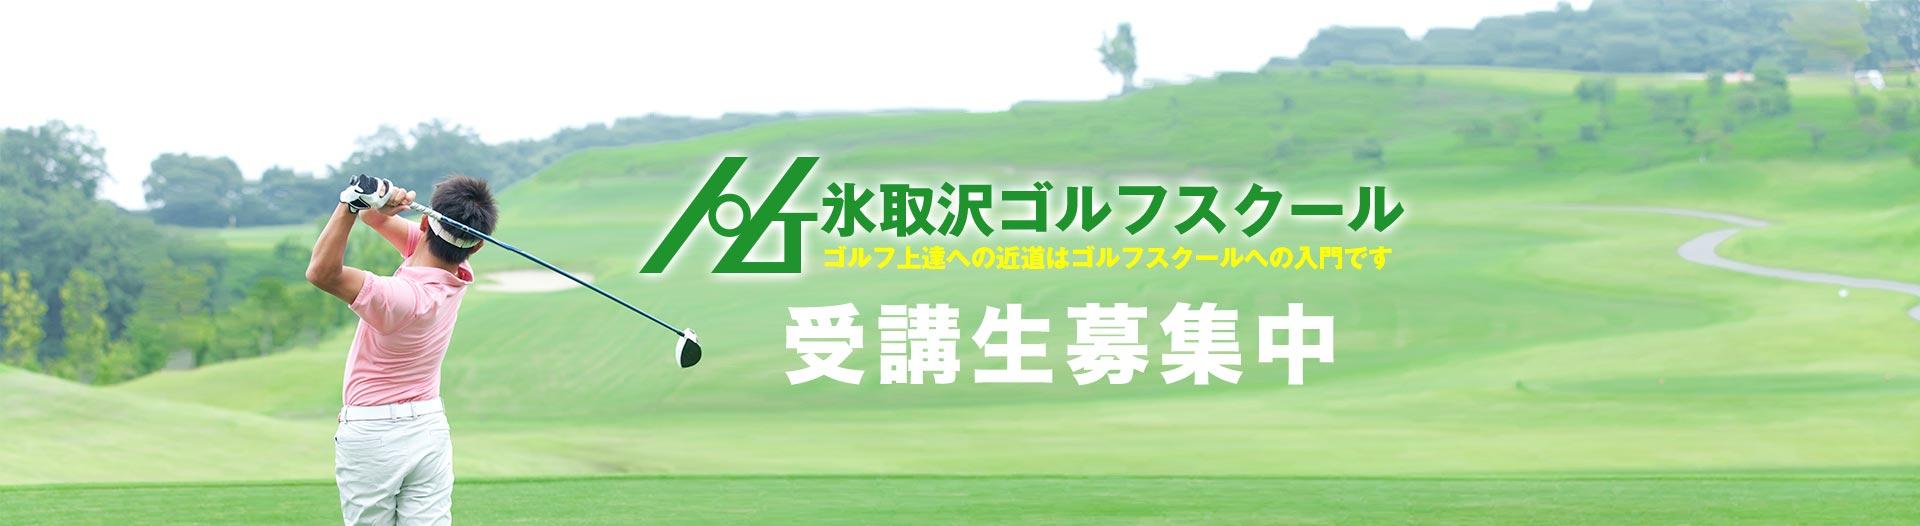 氷取沢ゴルフスクール